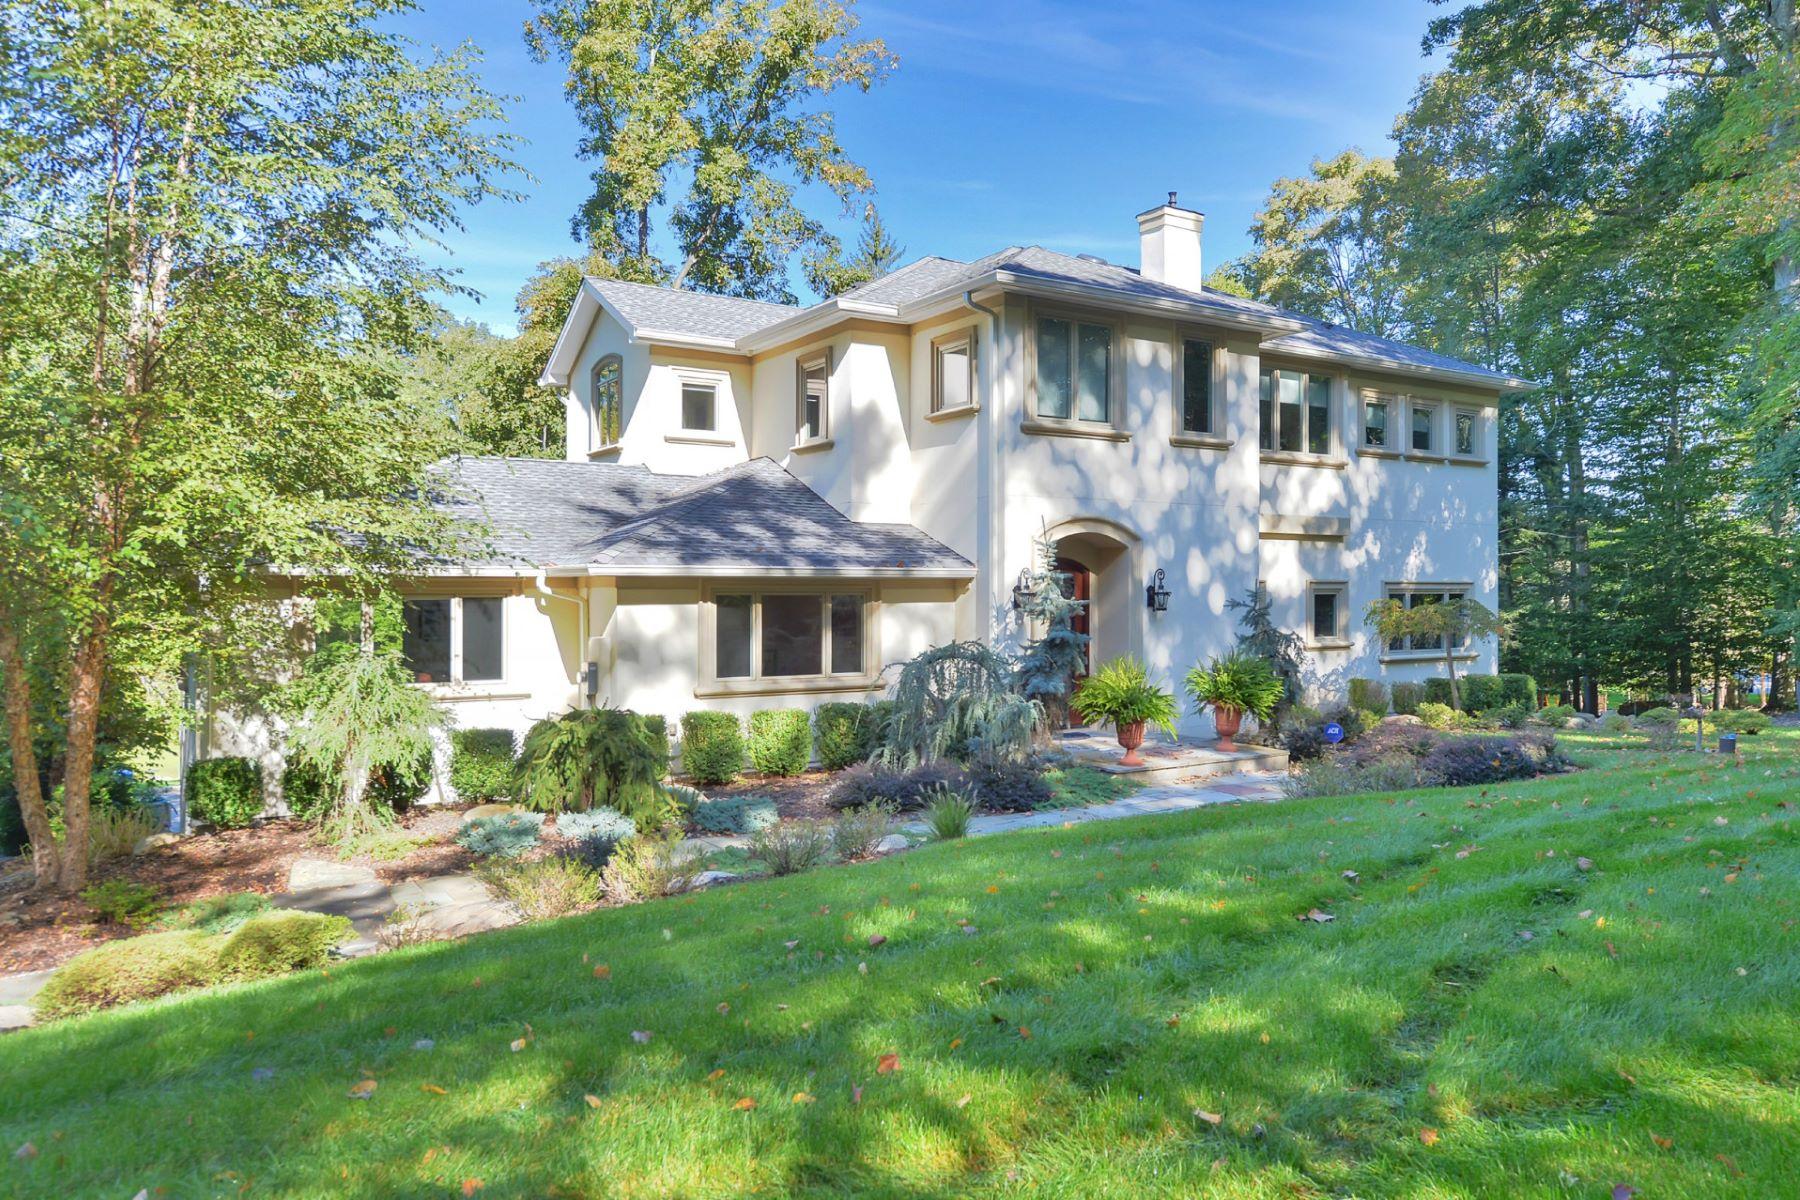 Casa Unifamiliar por un Venta en Gorgeous Park Like Property 9 Deertrail Rd. Saddle River, Nueva Jersey, 07458 Estados Unidos